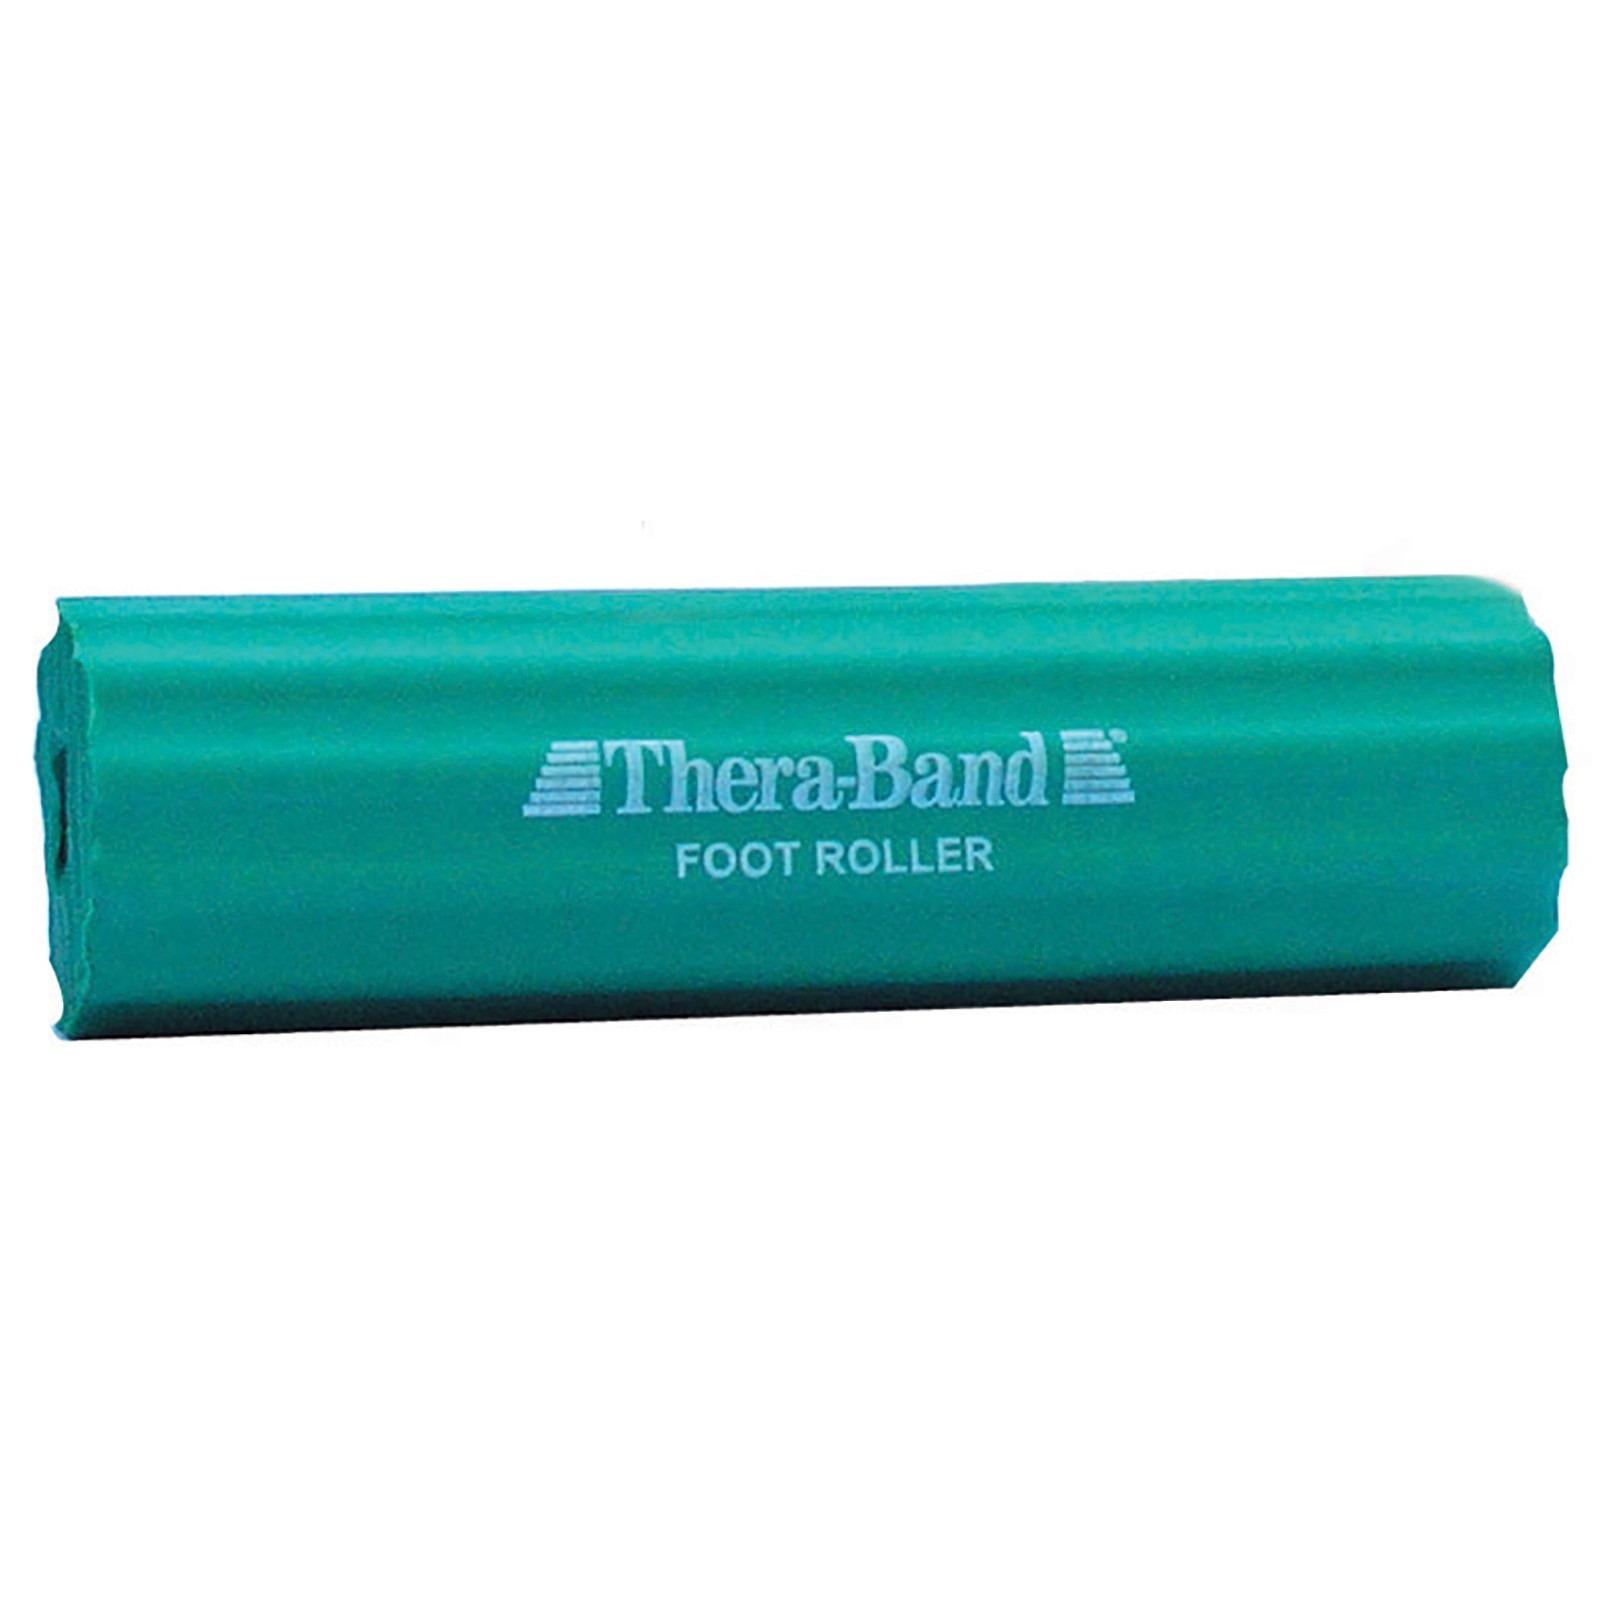 Theraband Pain Relief Foot Roller Fsastore Com